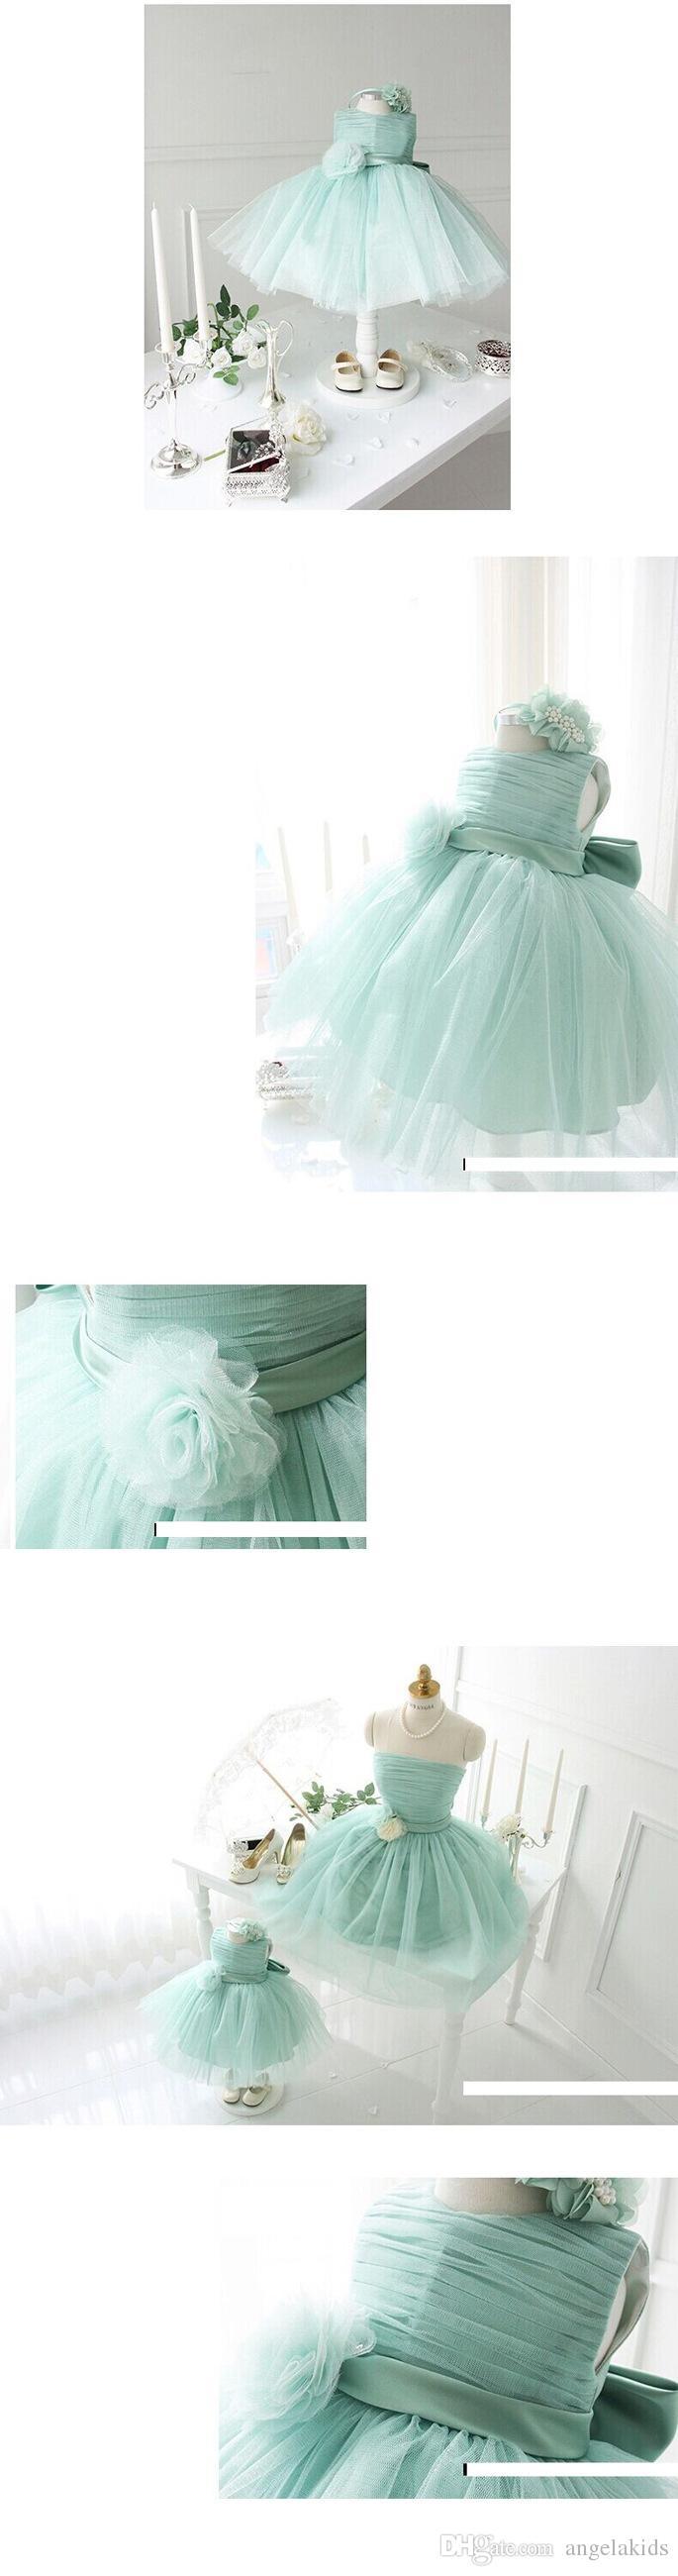 Mère Et Fille Vêtements 2016 Brillant Perlé Mère Et Fille Rose Occasion Spéciale Bal Robes De Fête Enfants Princesse Robe Jupe